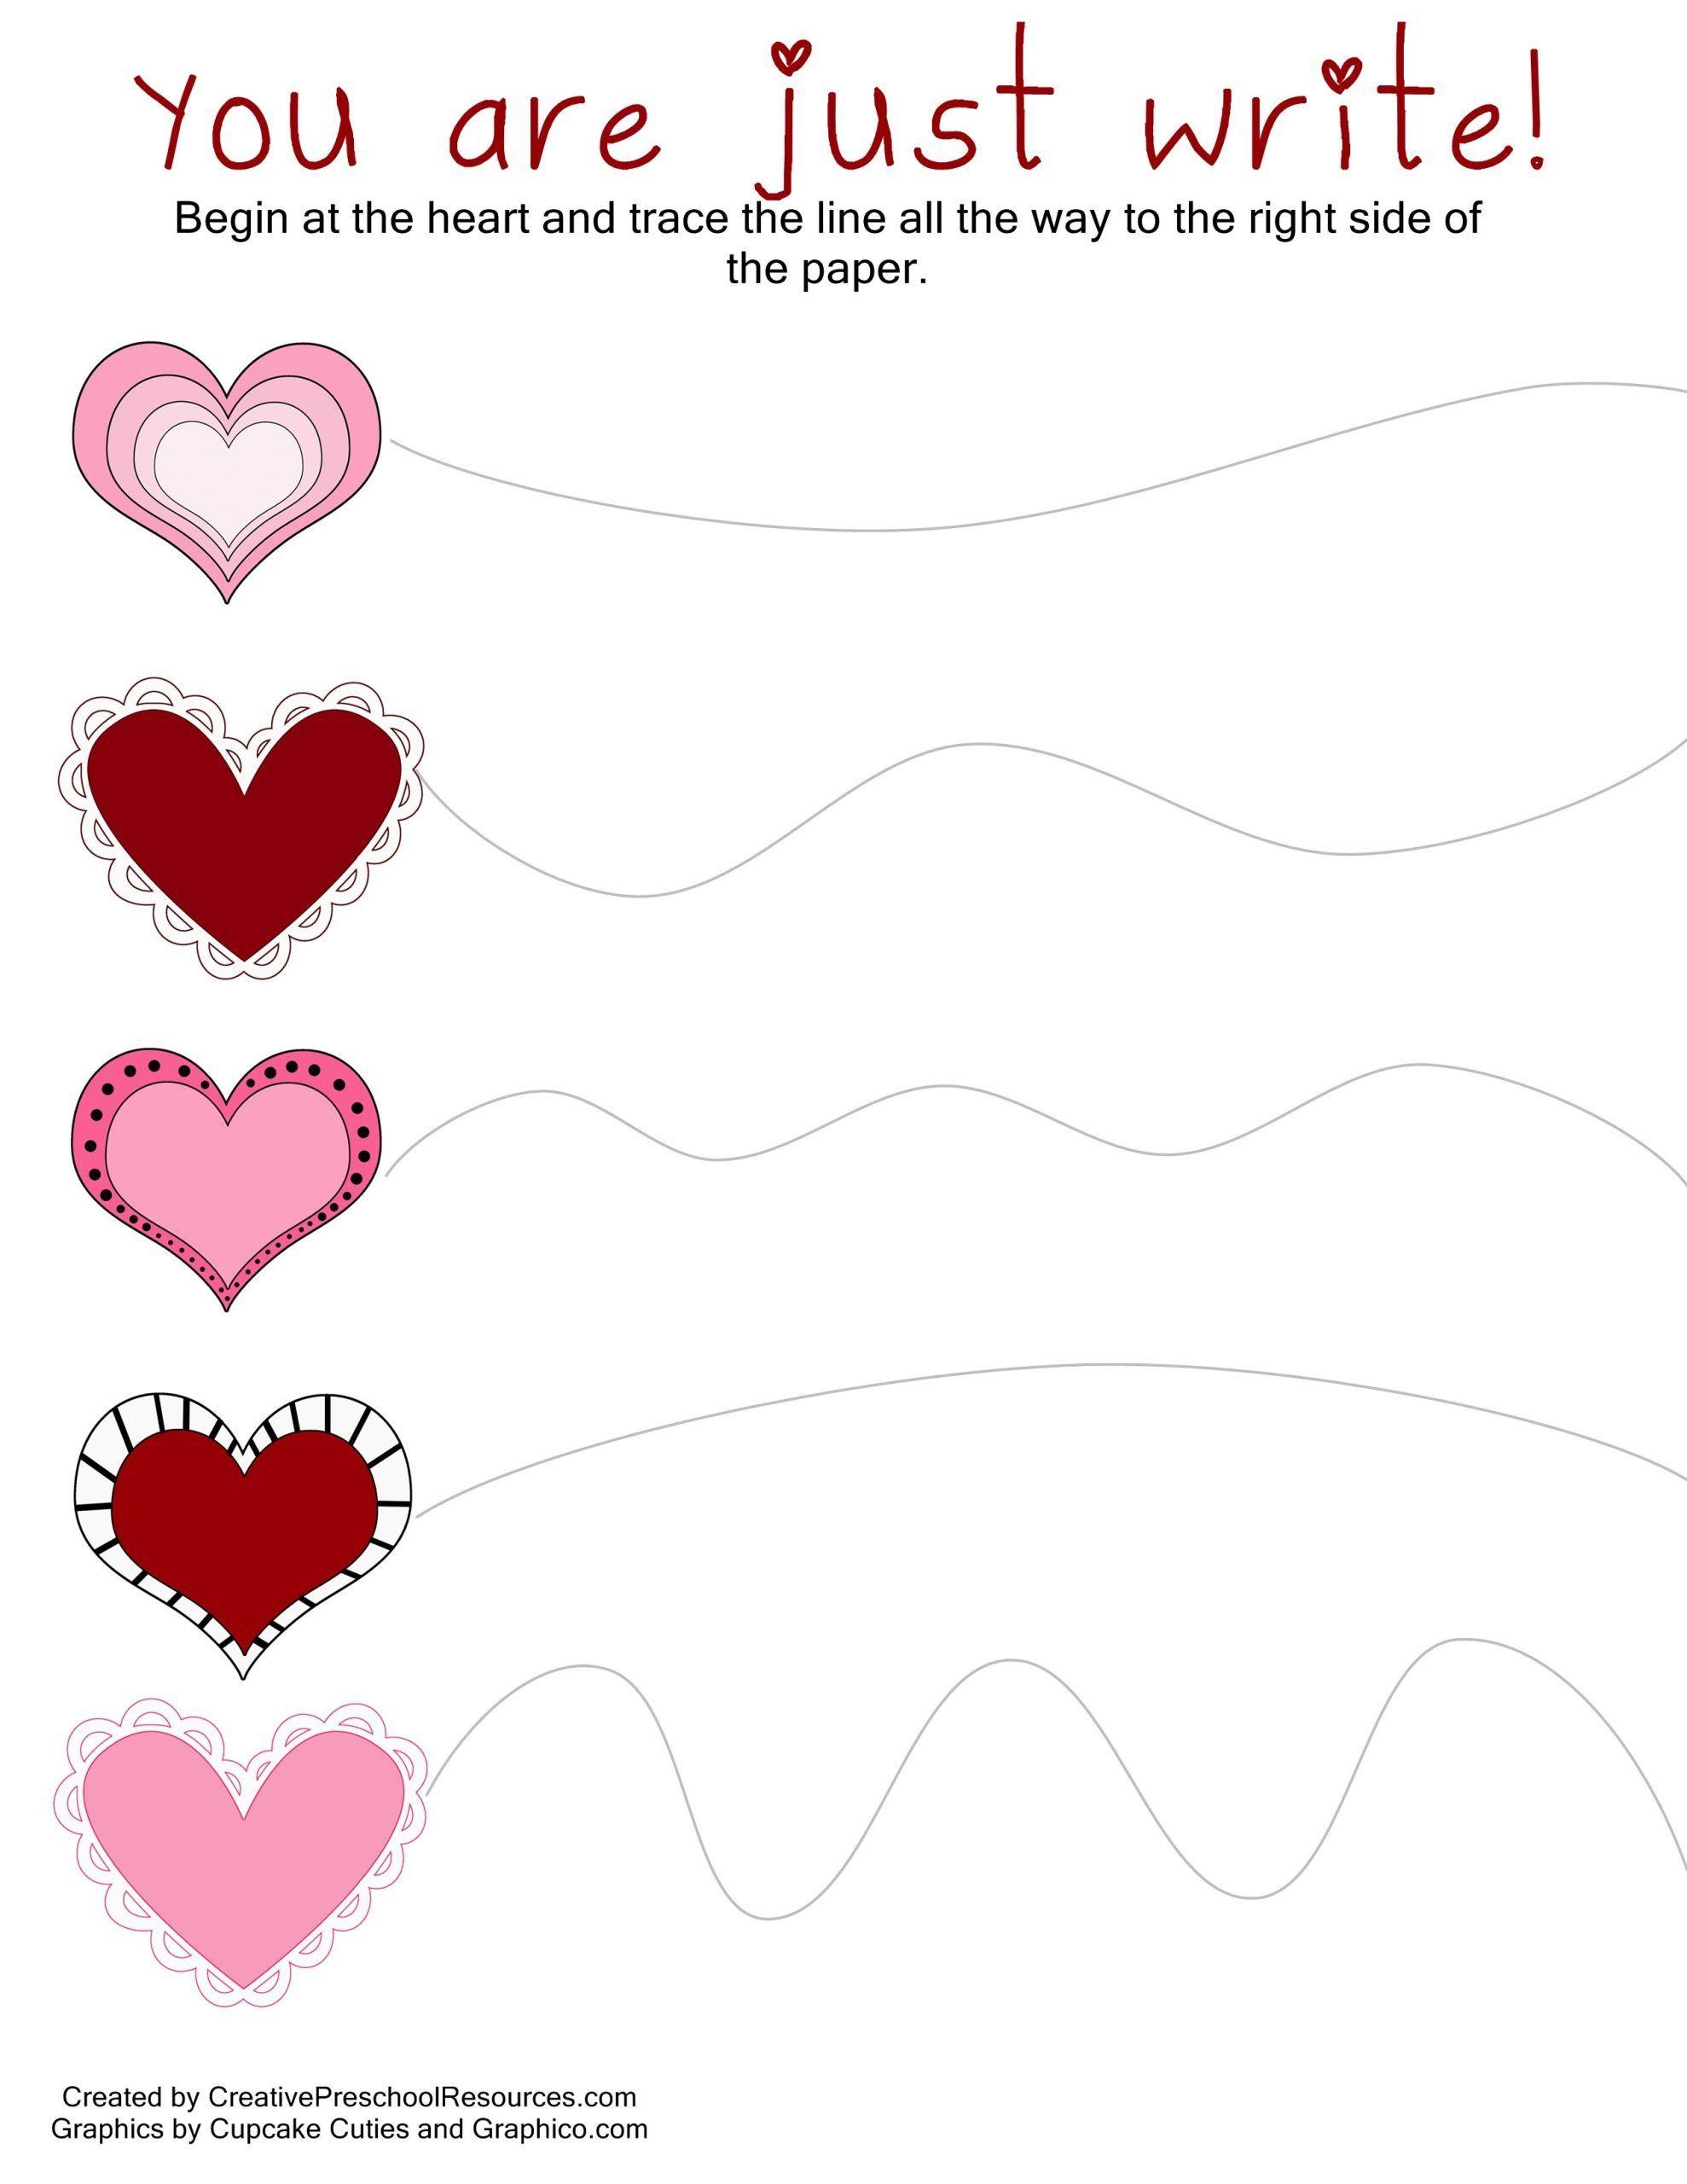 Heart Worksheet For Preschool Valentine S Hearts For Preschoolers Tracing Worksheets In 2020 Preschool Valentines Valentines School Valentine Crafts